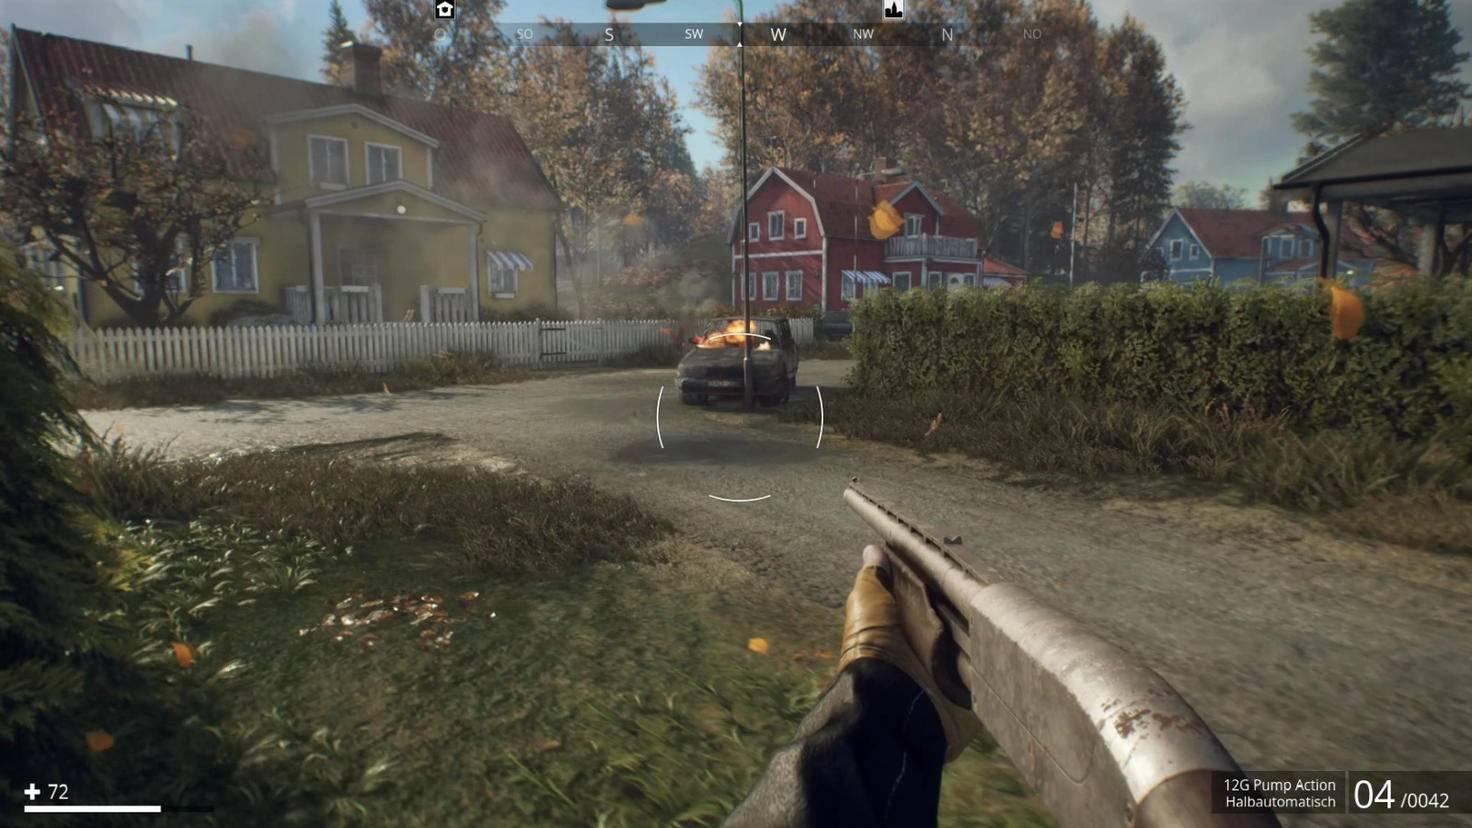 Auf einem Screenshot ist dieses schwedische Dörfchen nett, doch wenn man das dritte oder vierte gesehen hat, wird's öde ...